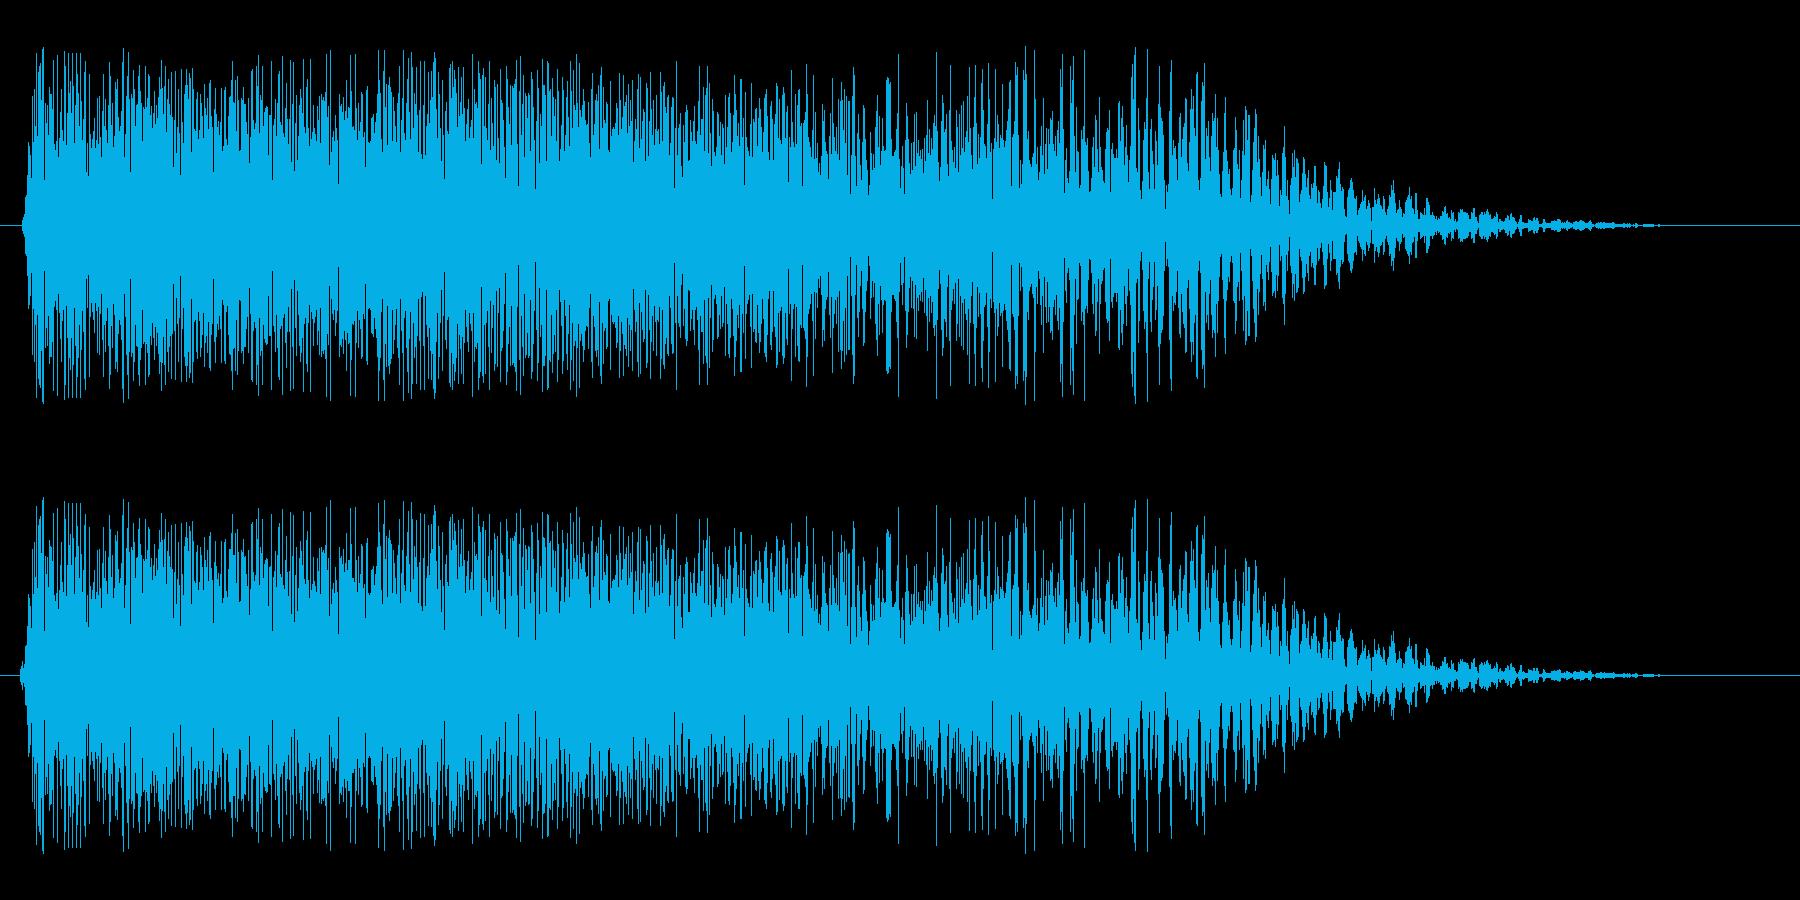 ギュワワワン(やられた音)の再生済みの波形